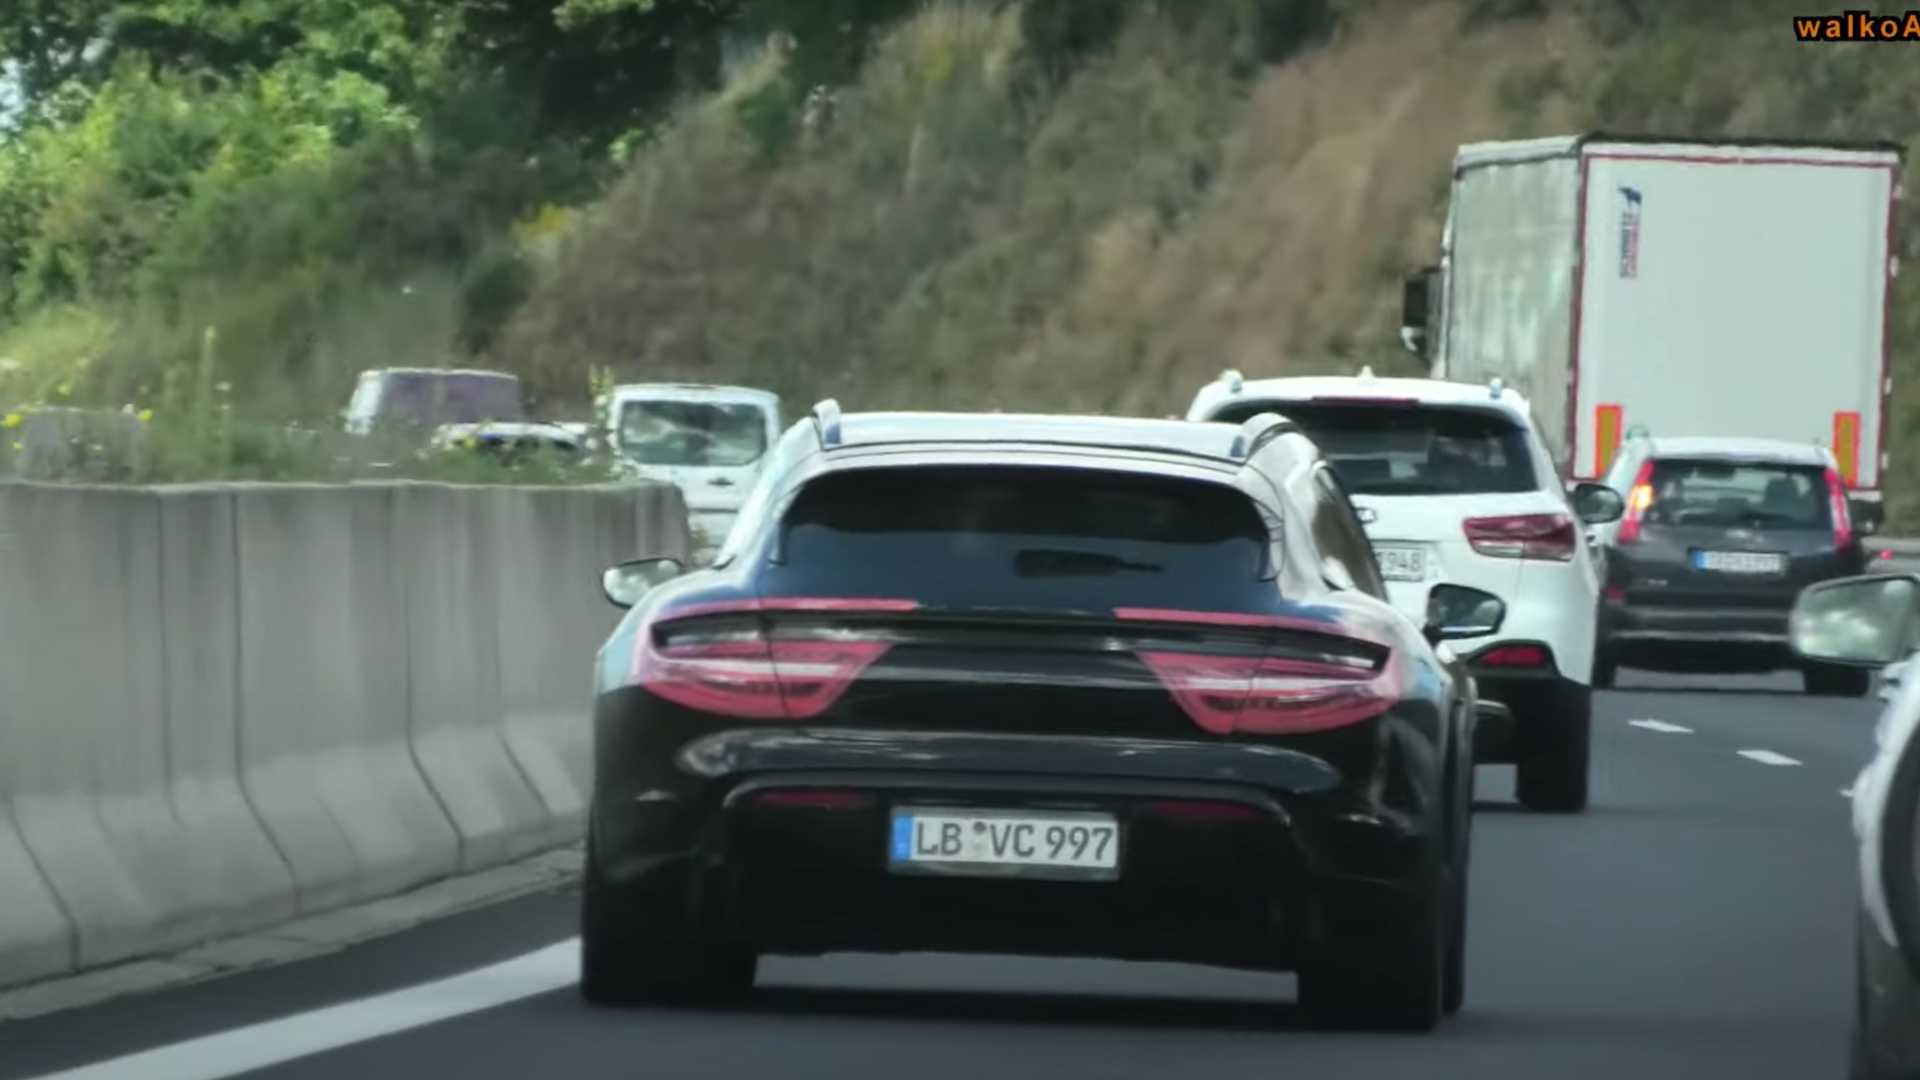 Концепт Porsche Mission E Cross Turismo был представлен ещё весной 2018-го, а осенью того же года принято решение о выпуске серийной версии. Недавно появились шпионские снимки закамуфлированного прототипа, а теперь новинка проехалась на камеру.